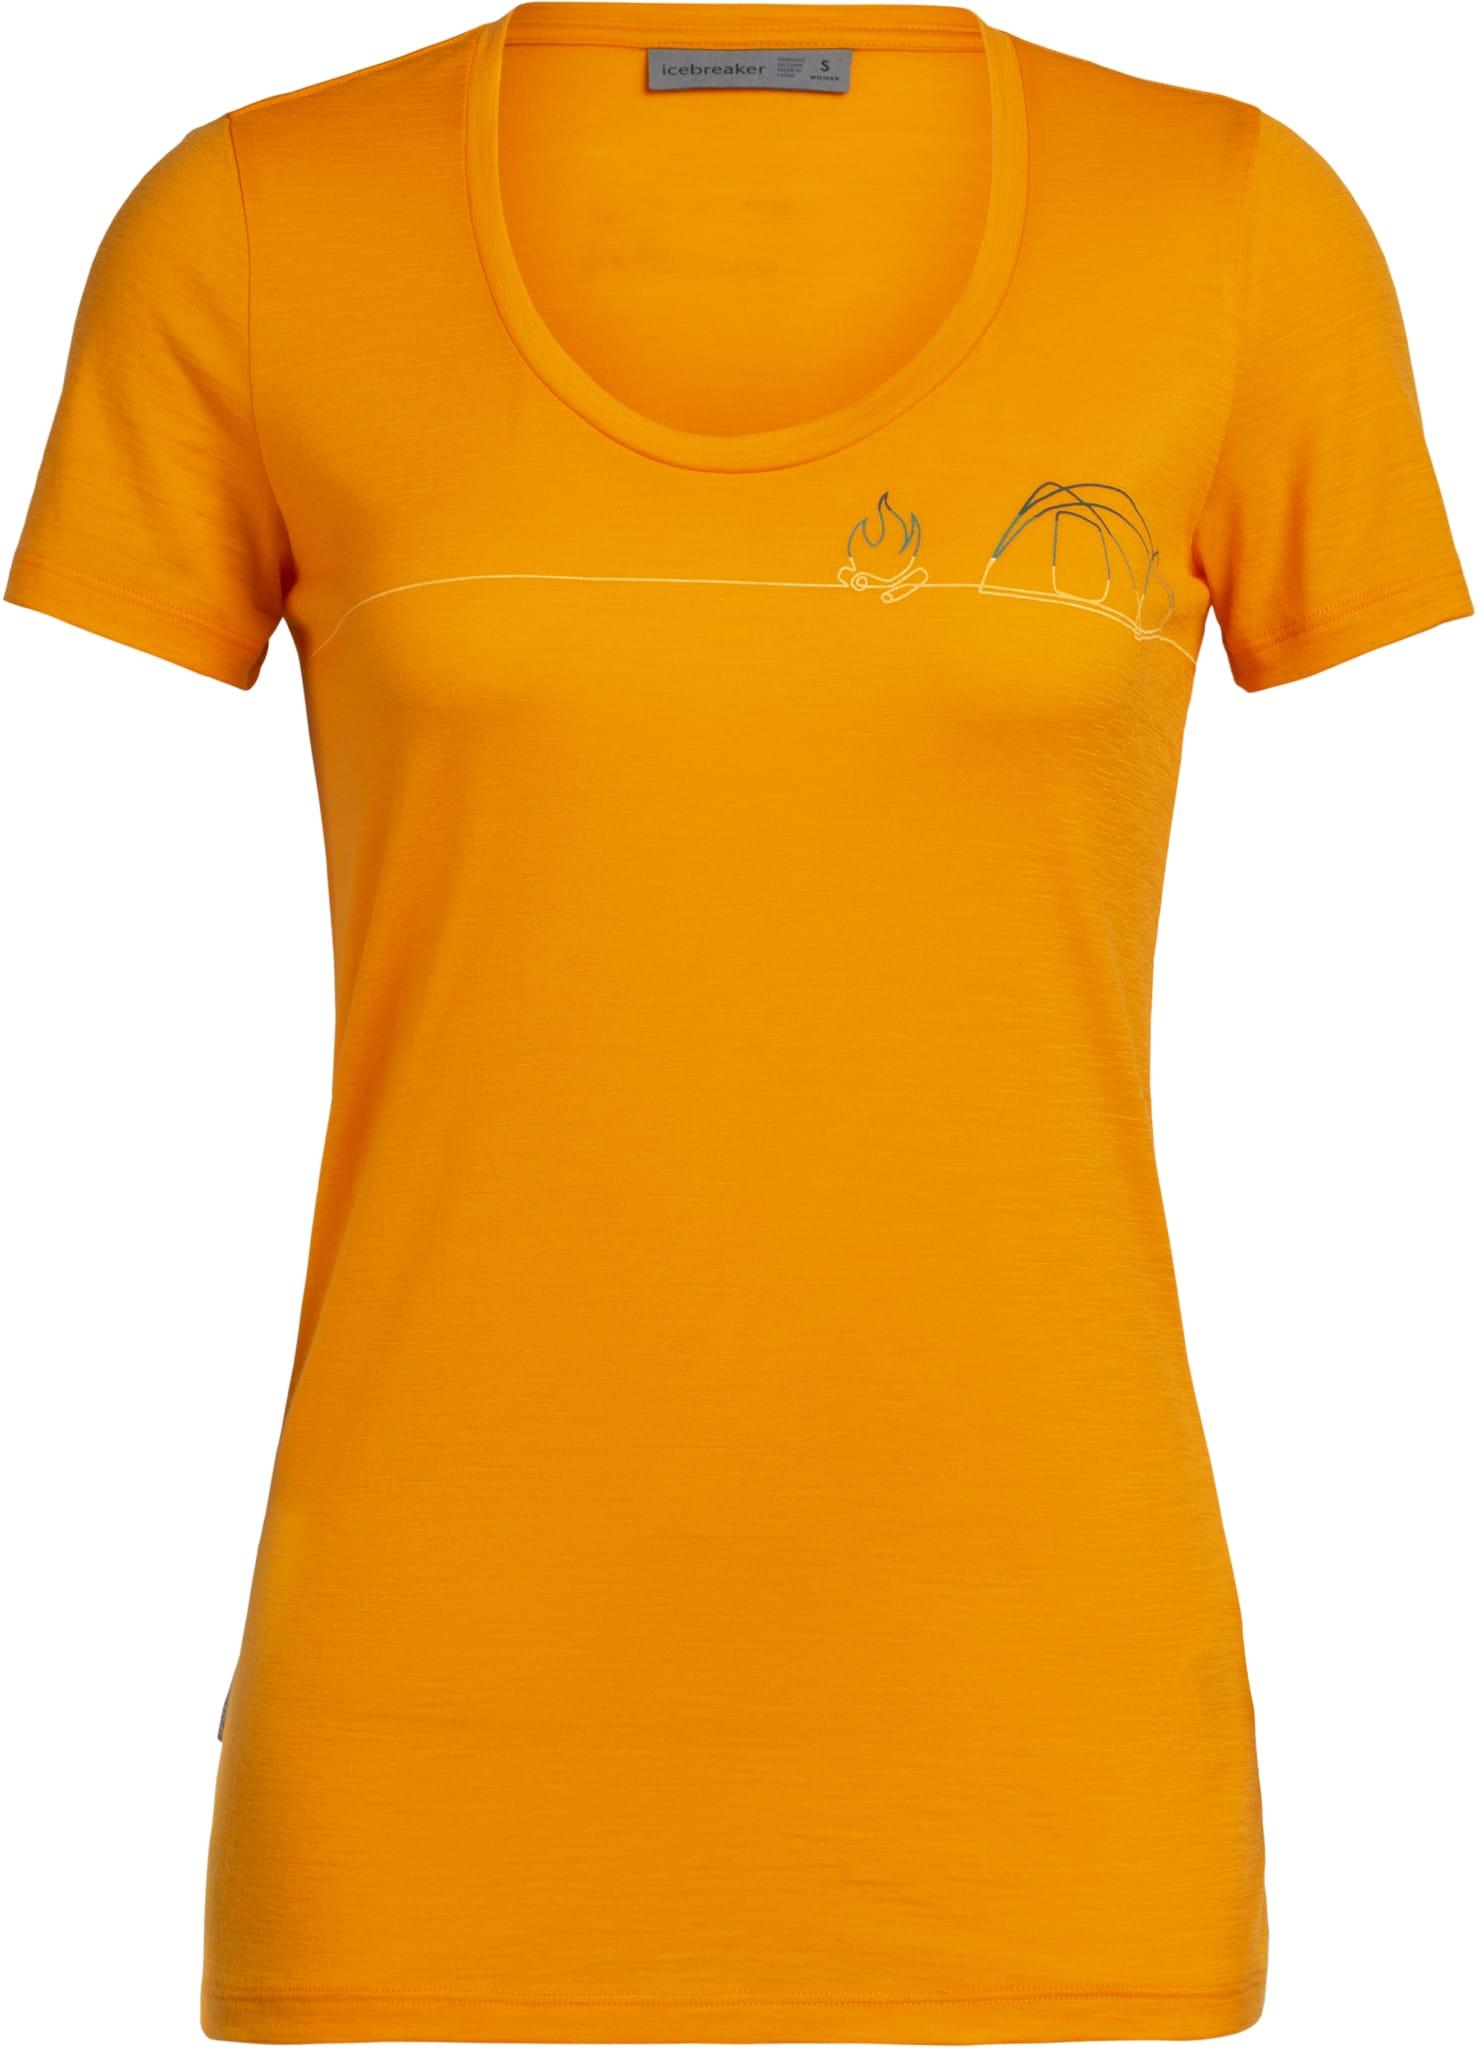 Tynn og behagelig t-skjorte i merinoull med åpen hals